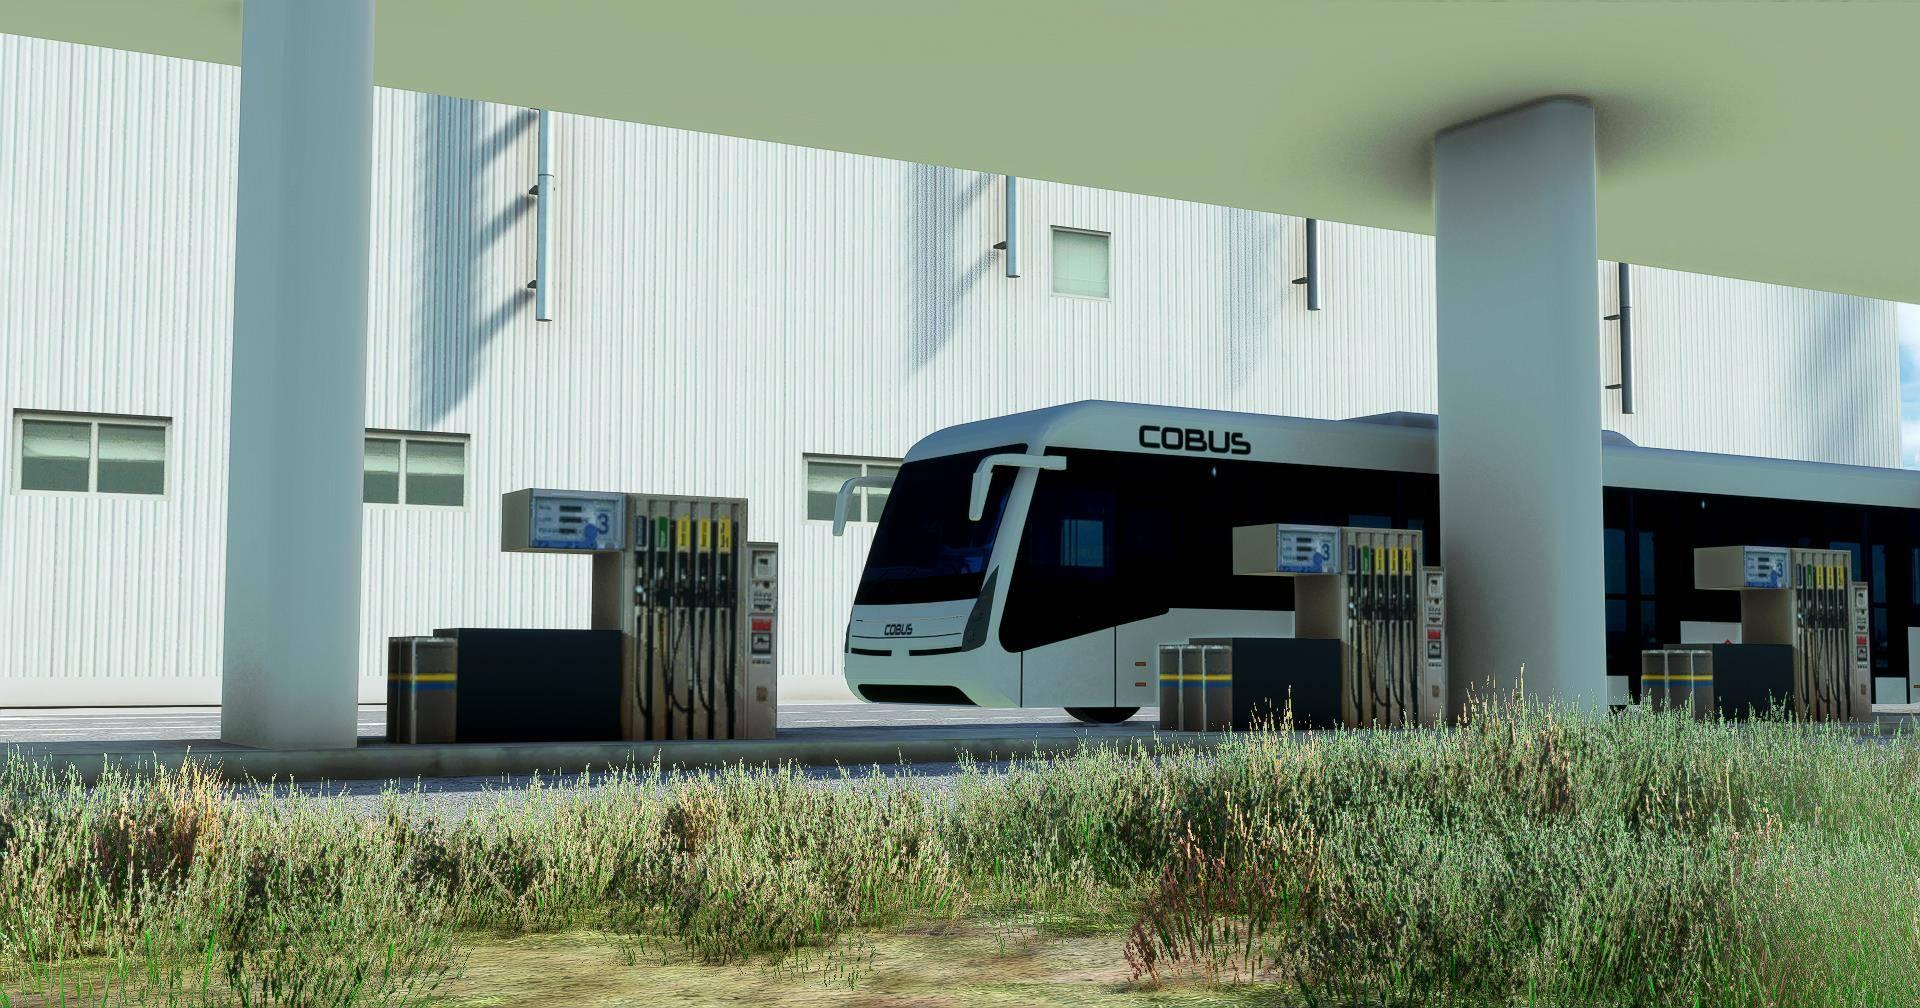 palma-de-mallorca-airport-microsoft-flight-simulator_47_ss_l_211008080124